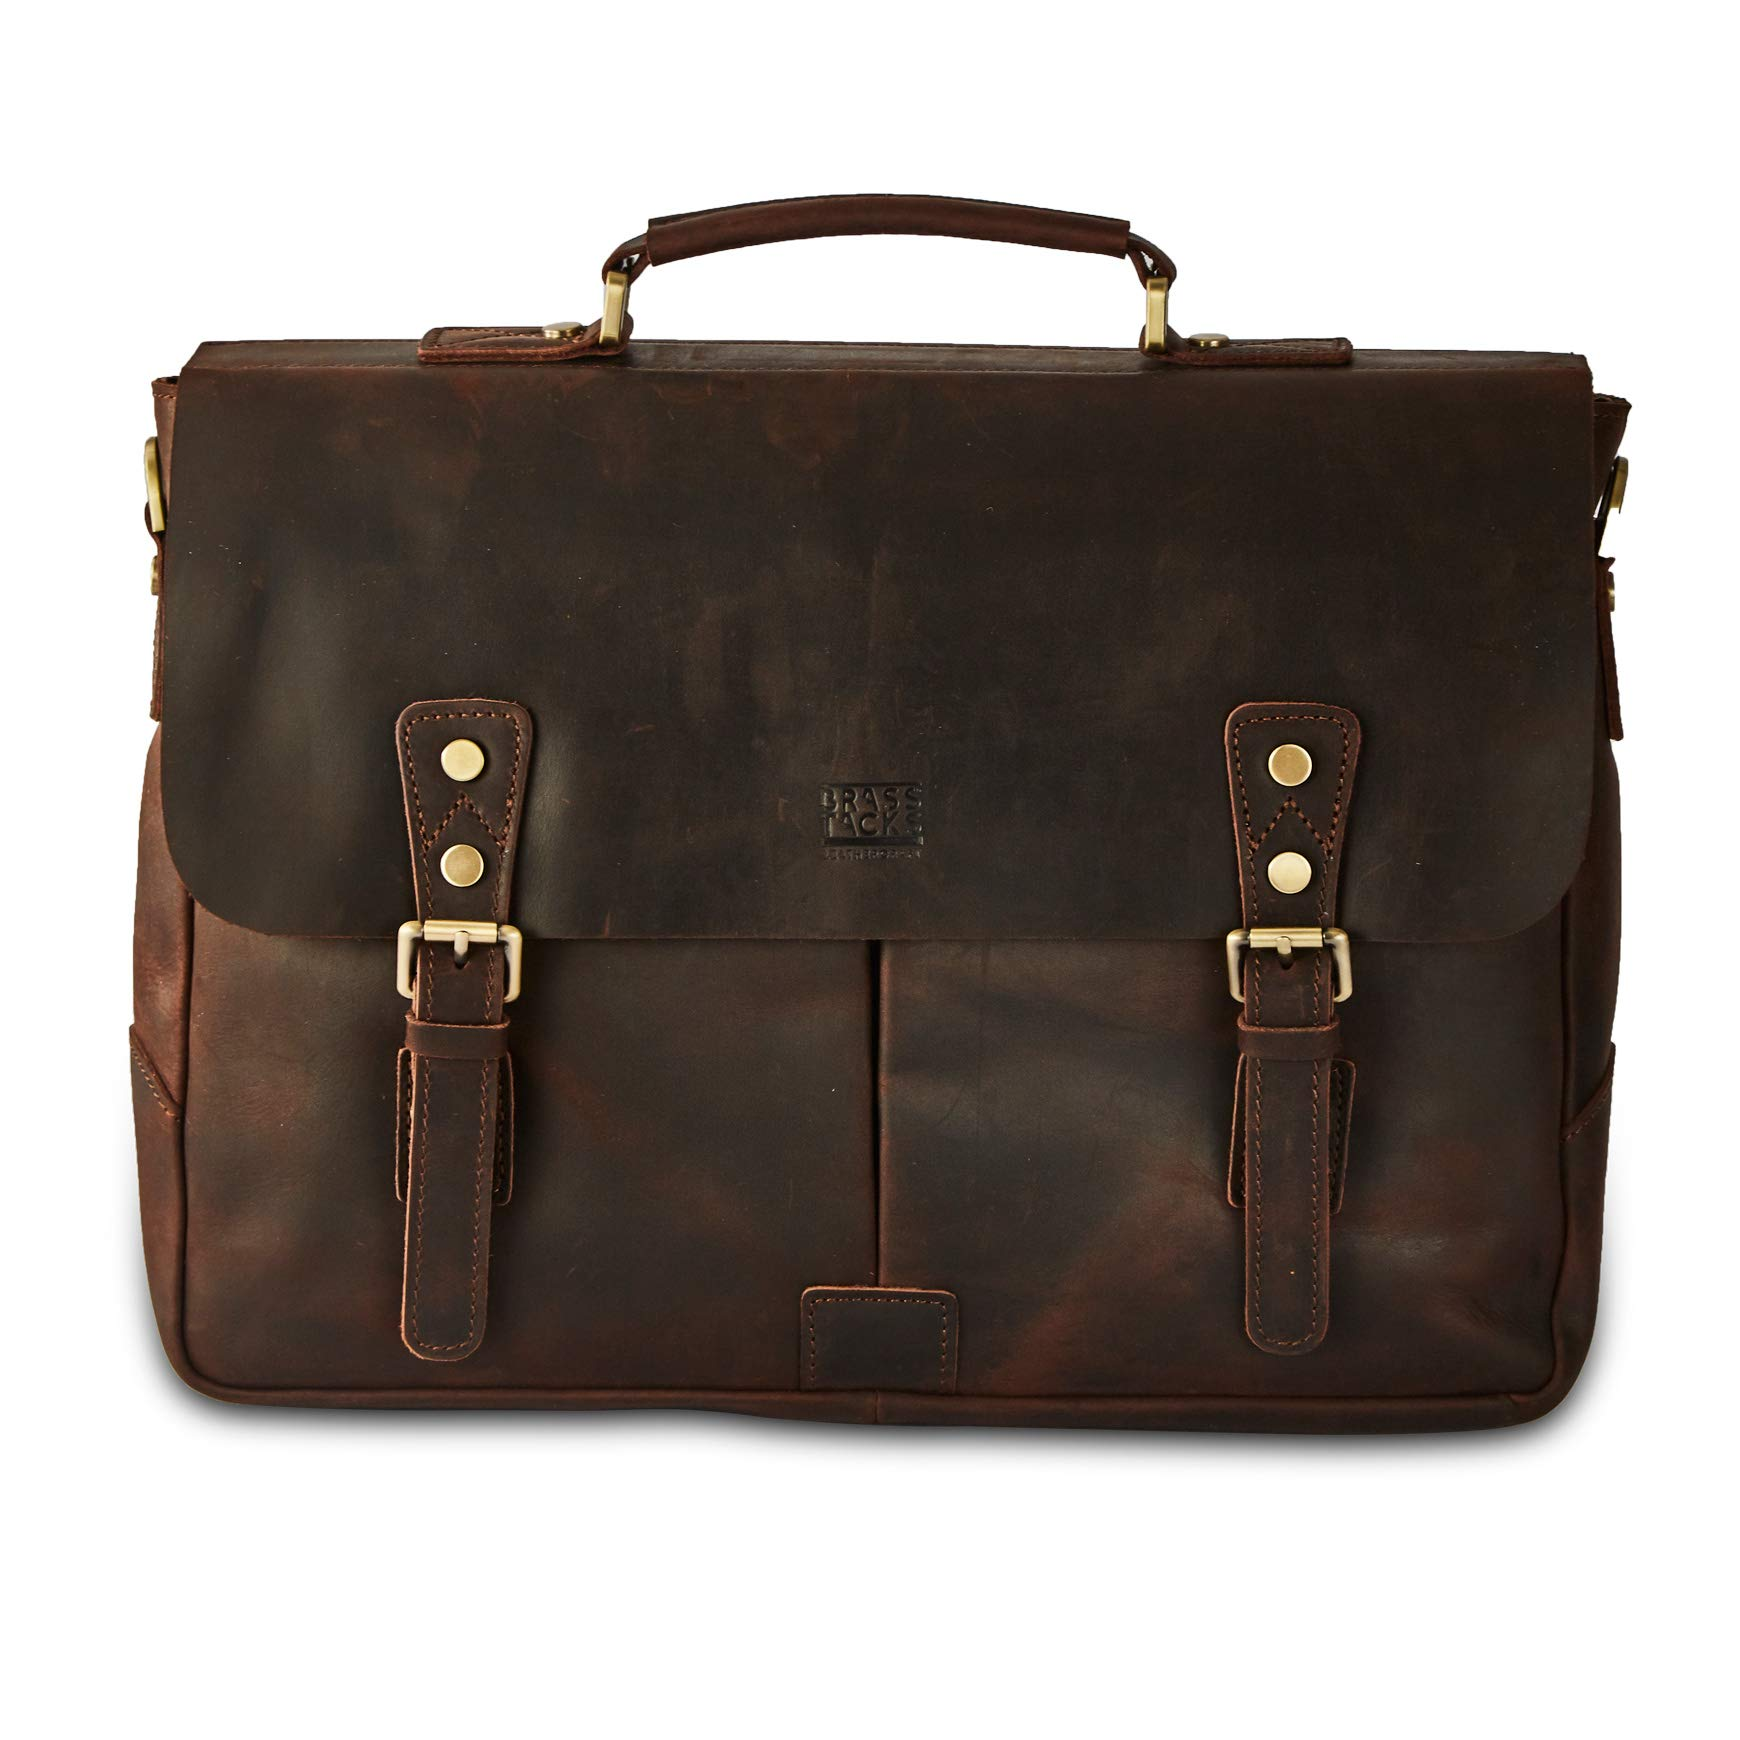 BRASS TACKS Leathercraft Men's Full Crazy Horse Leather 15.6''Laptop Briefcase Vintage Buckle Strap Messenger Bag